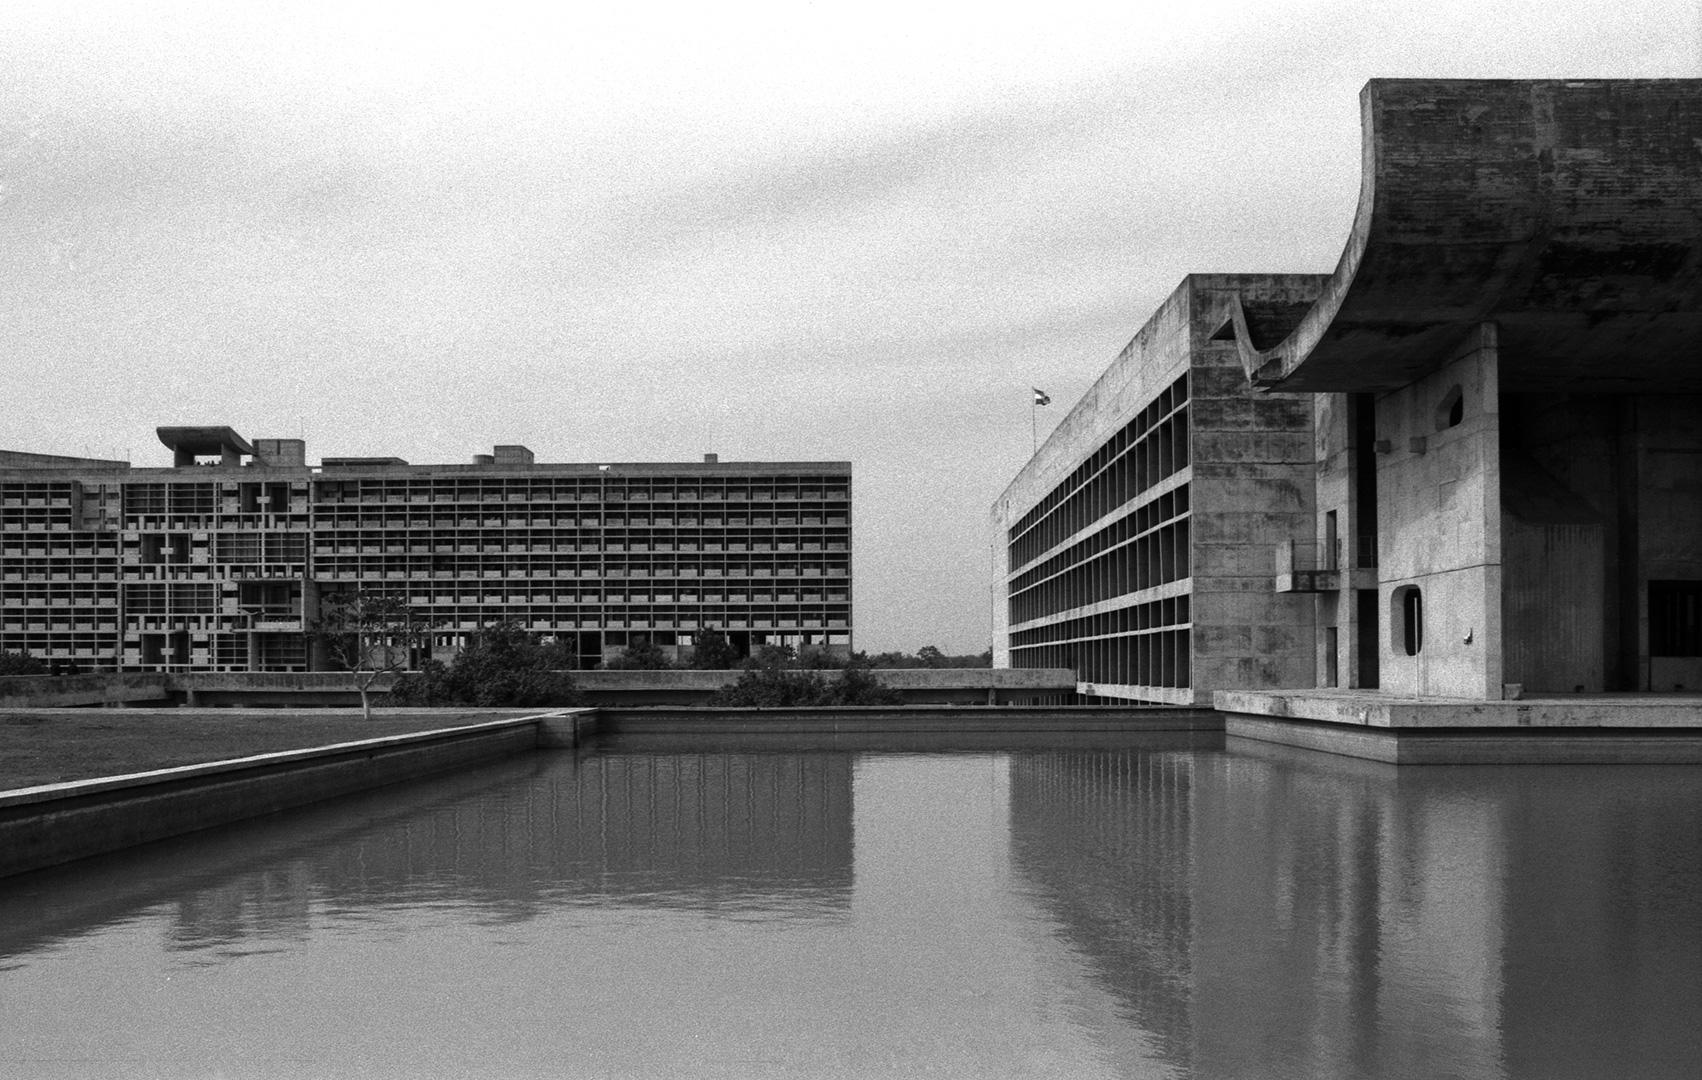 le-corbusier_06_Le_Corbusier_Chadingarh_LC1_927-21-CHA